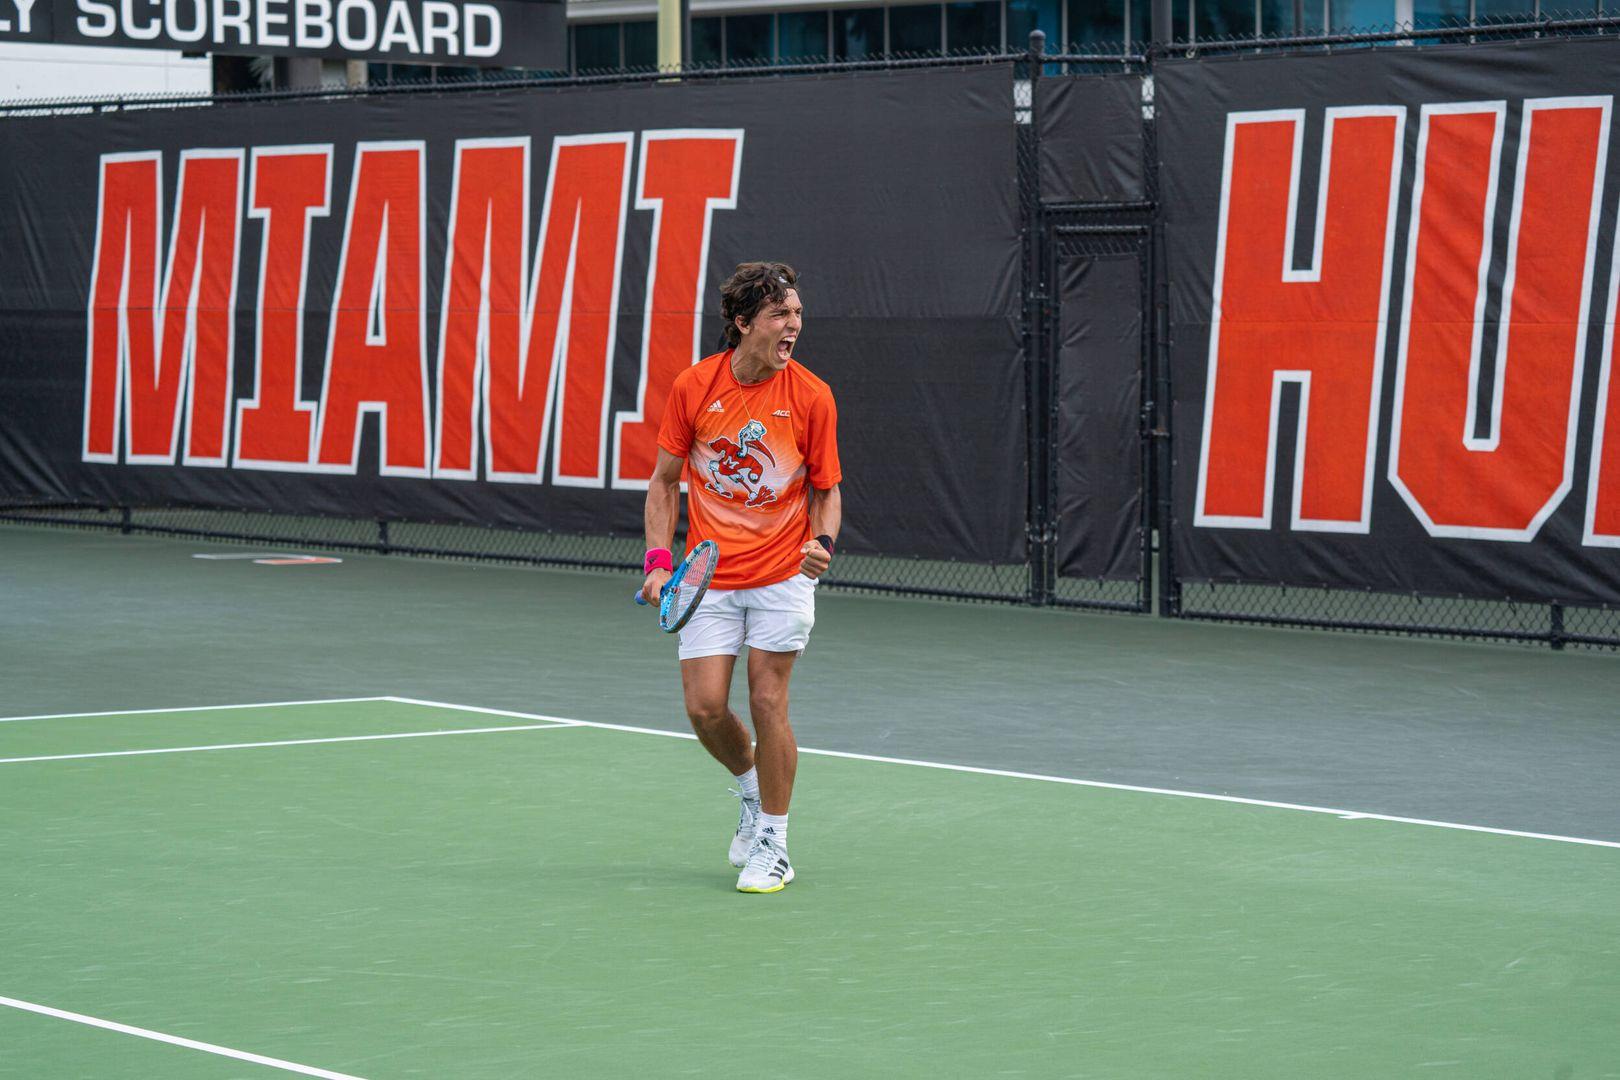 M. Tennis Secures 5-2 Triumph